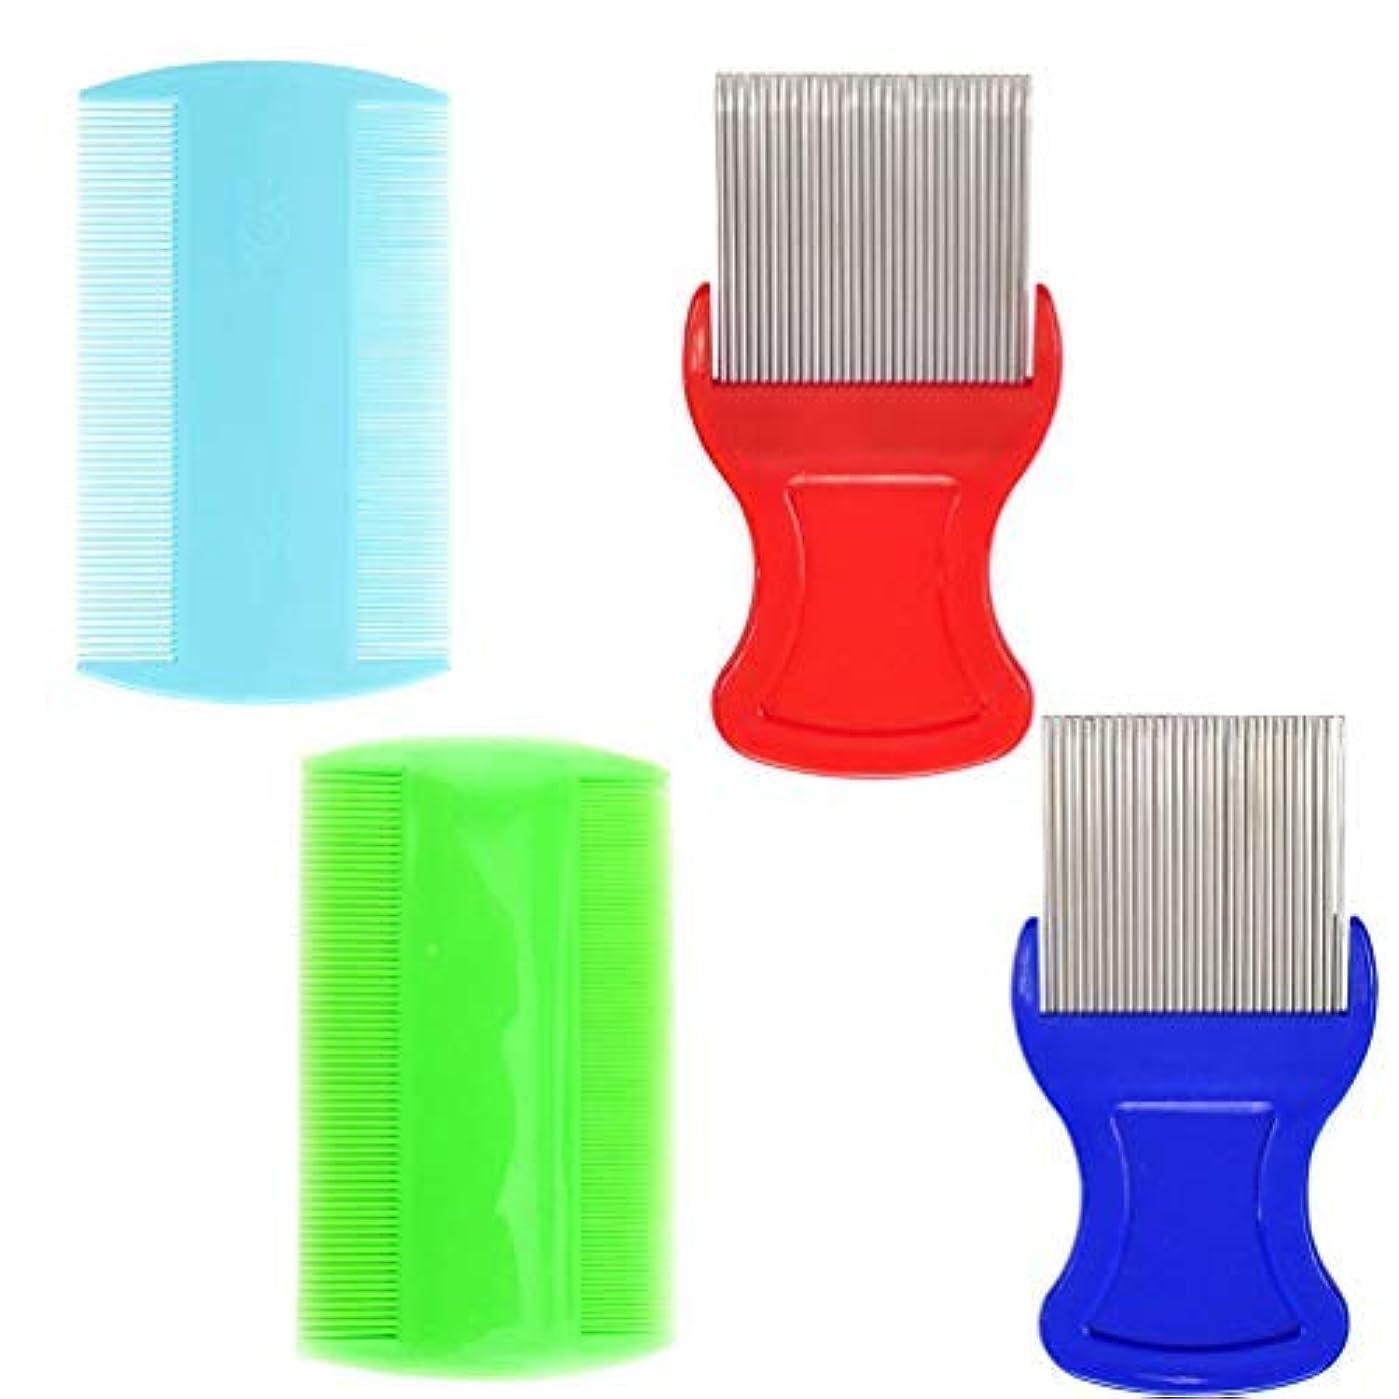 強化する対人交流するHair Comb,Fine Tooth Comb,Removing Dandruff Flakes [並行輸入品]